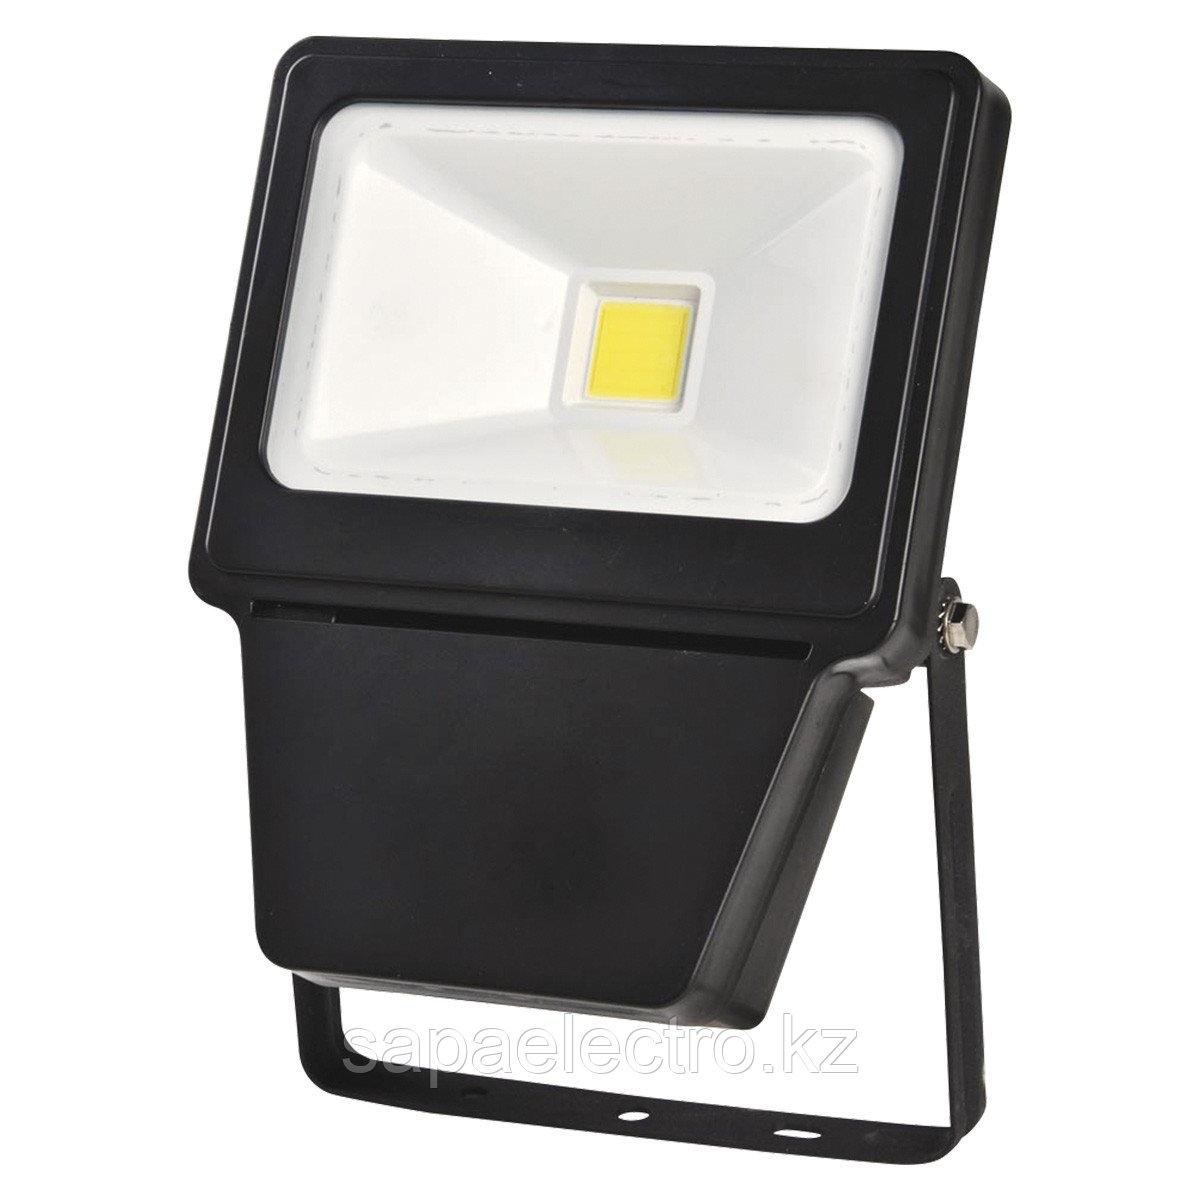 Прожектор LED COB 30W BLACK 6000K  (TS)24шт